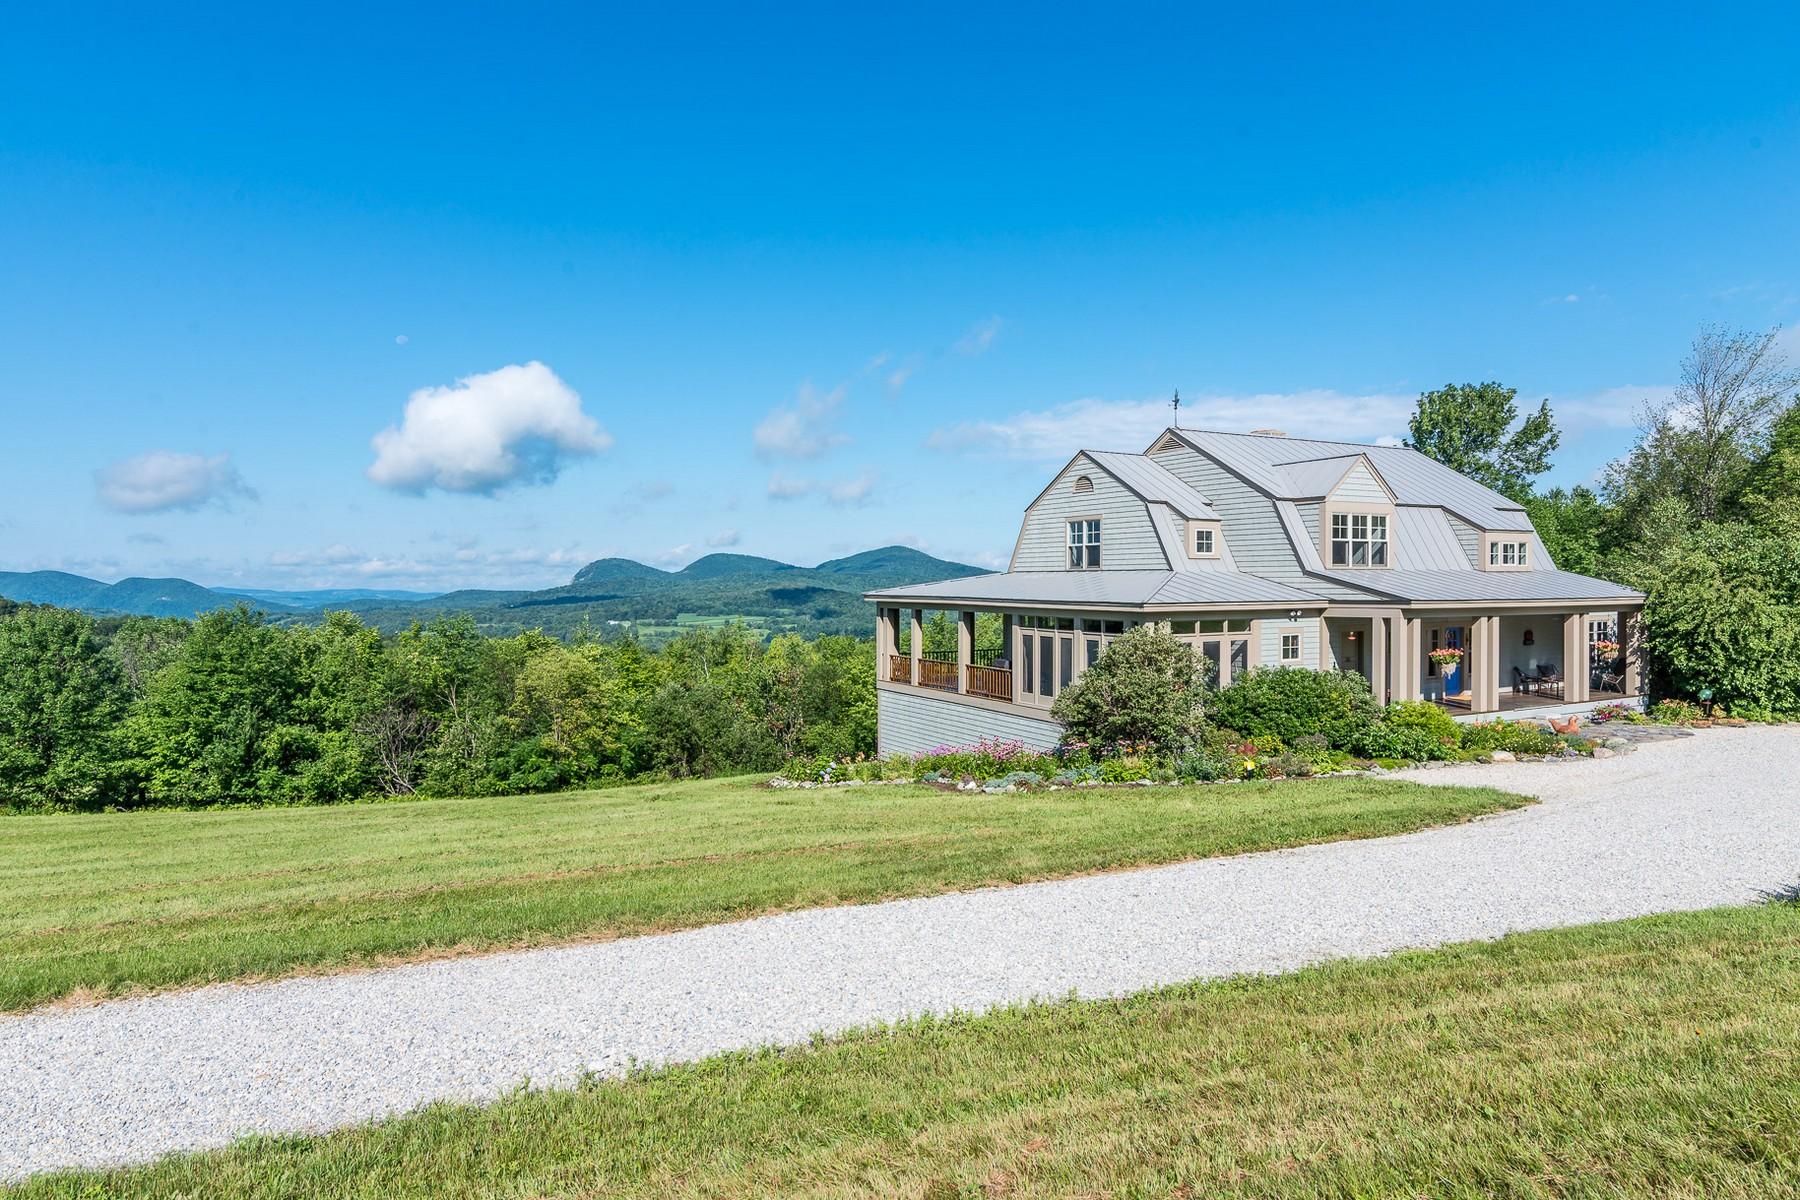 Maison unifamiliale pour l Vente à 1638 Lilly Hill Rd, Danby Danby, Vermont 05761 États-Unis